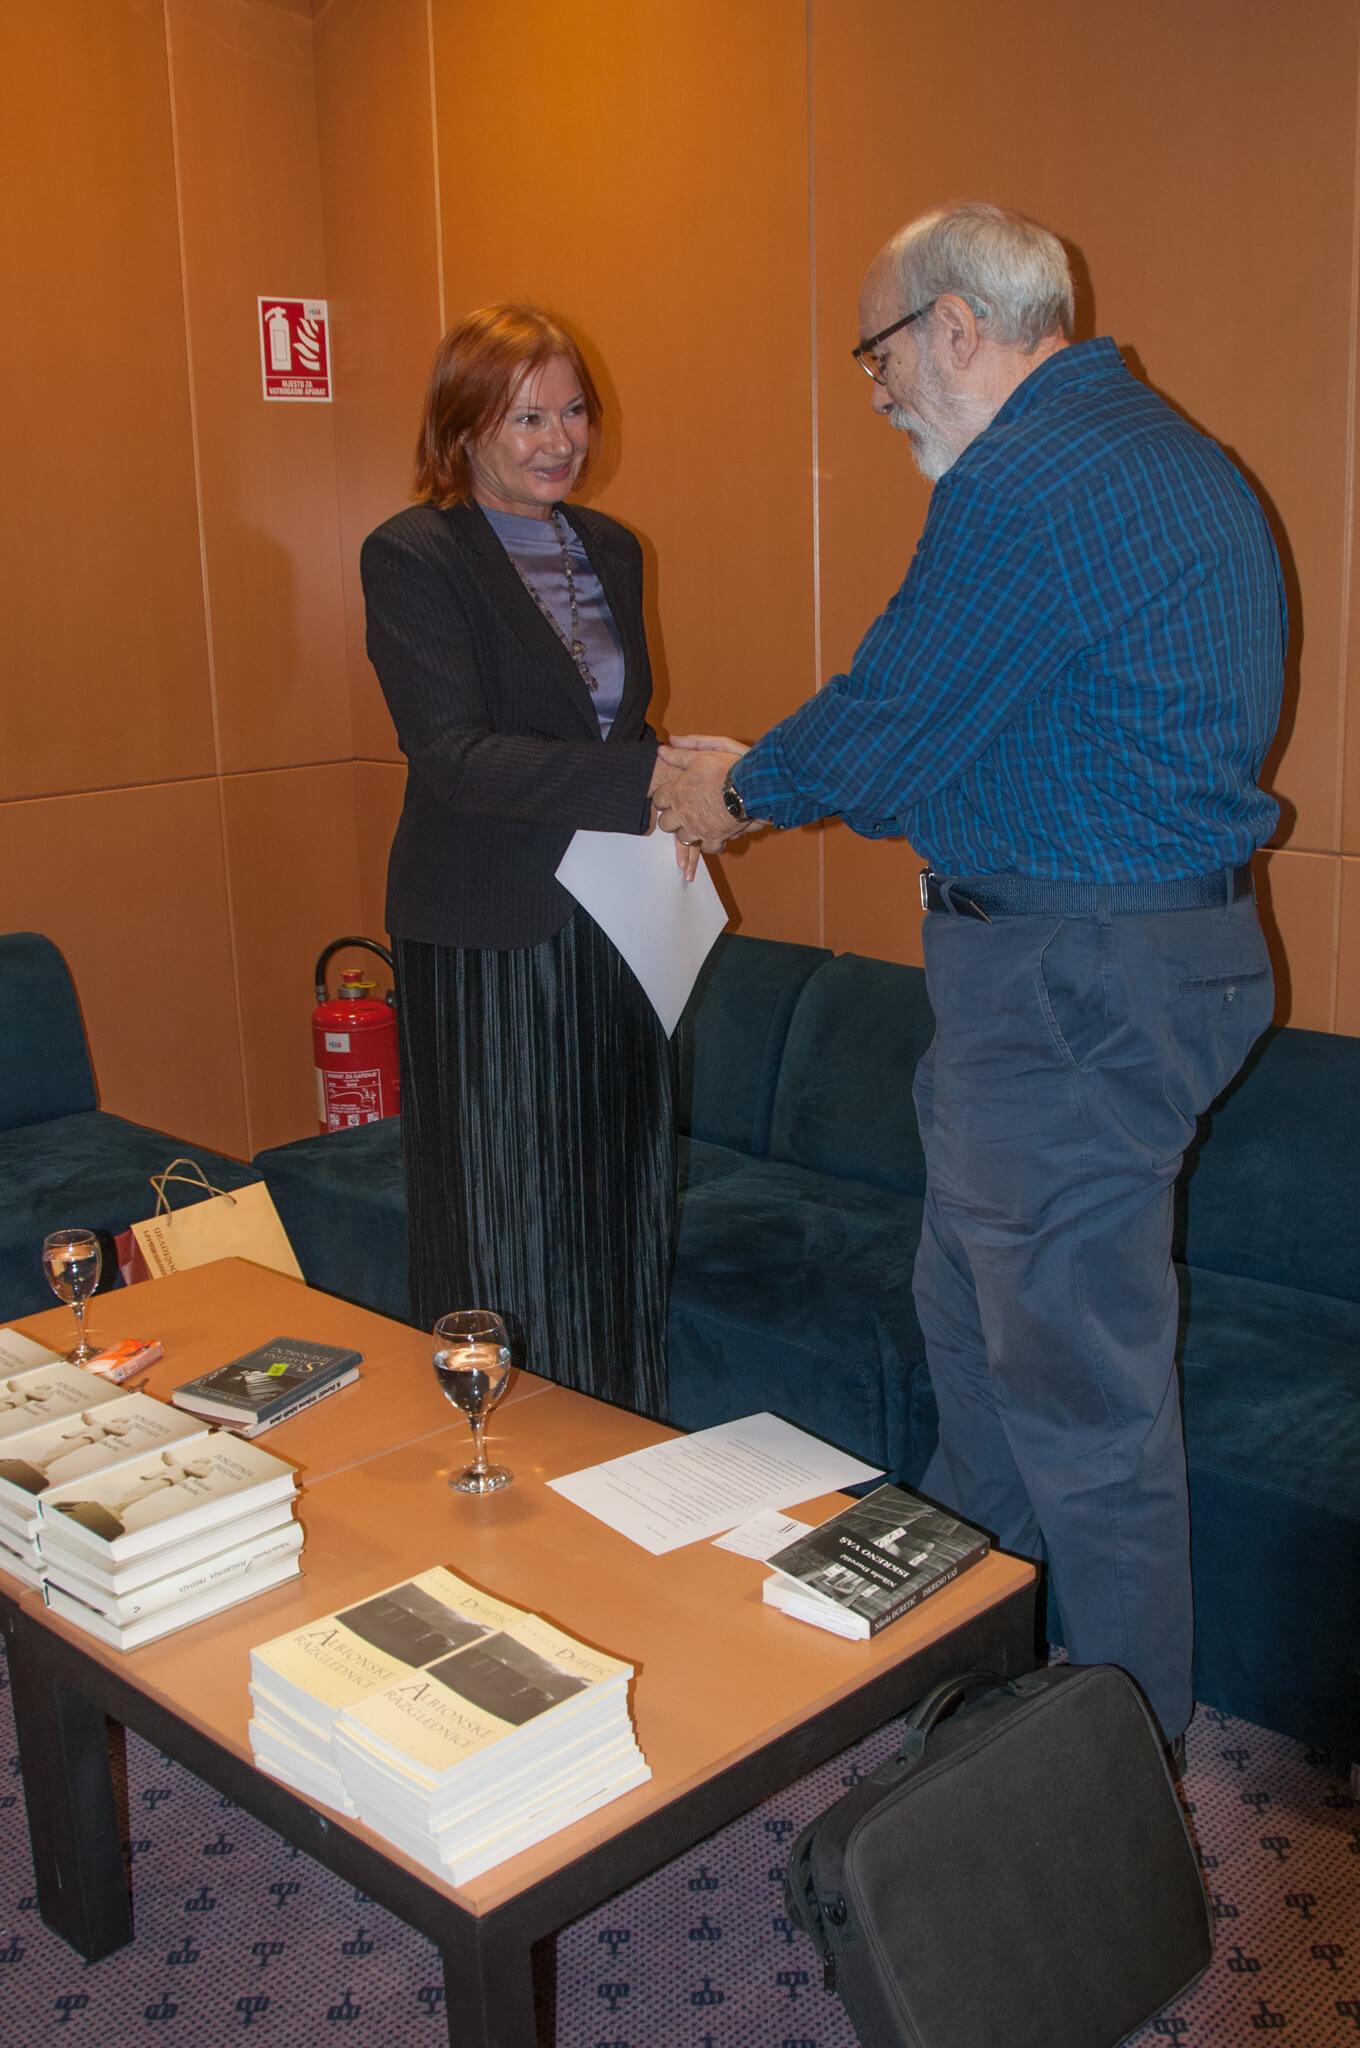 Voditeljca tribine dr. sc. Željka Lovrenčić i književnik, urednik, nakladnik i prevoditelj Nikola Đuretić.